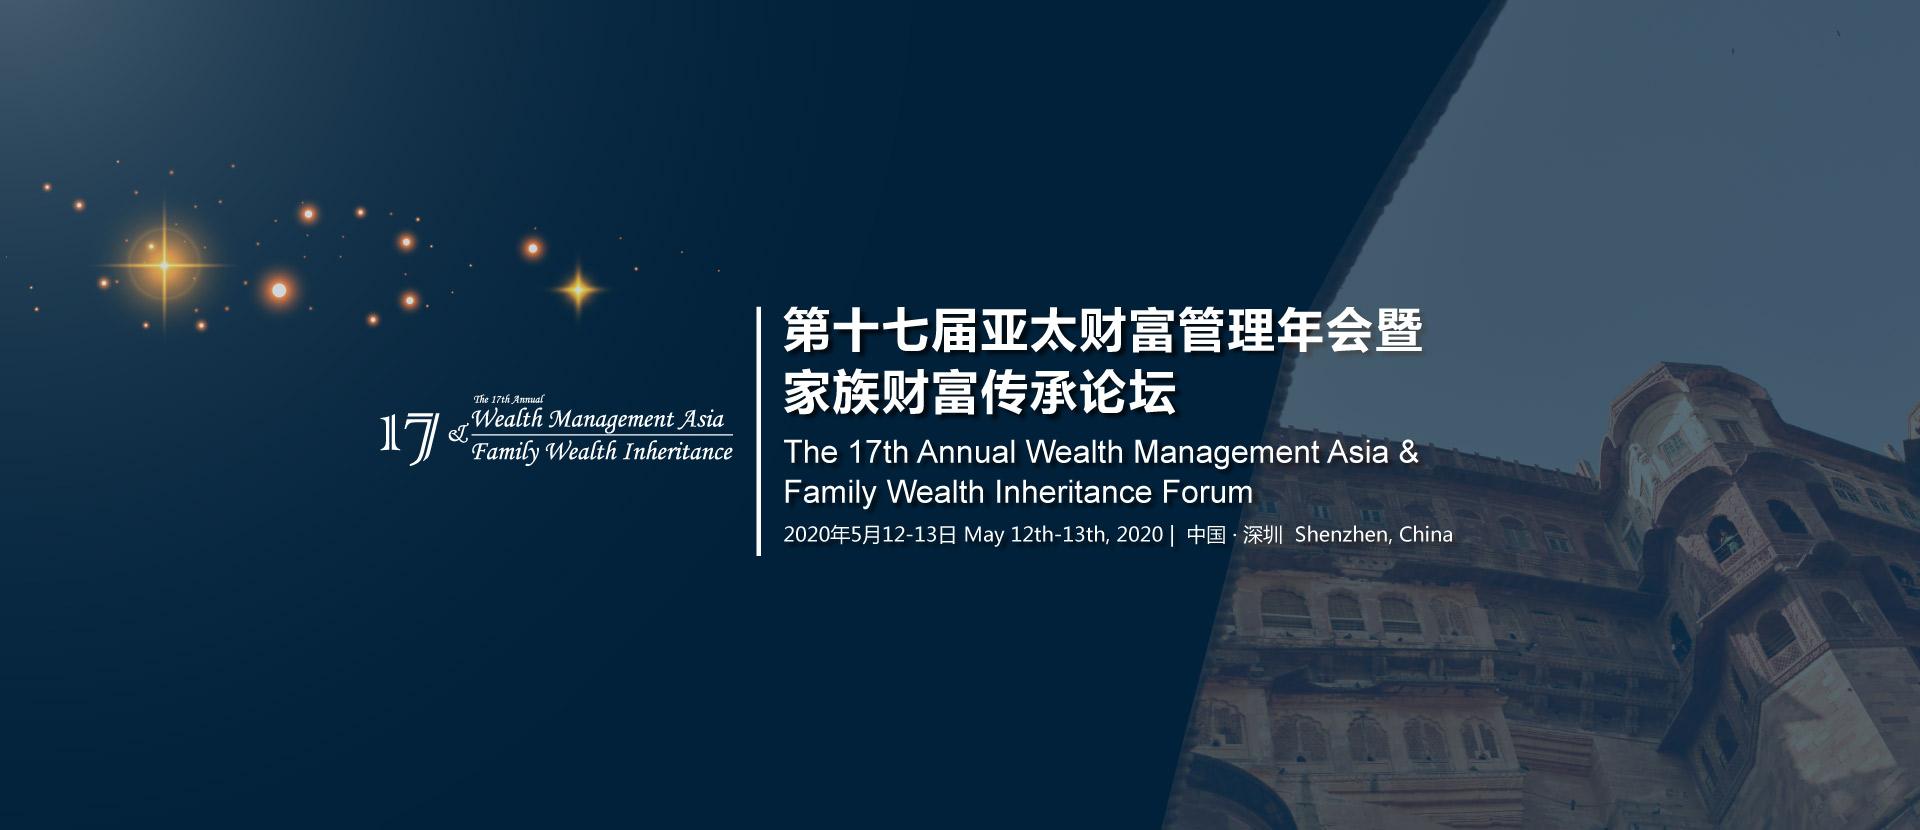 海報1(金融與投資)